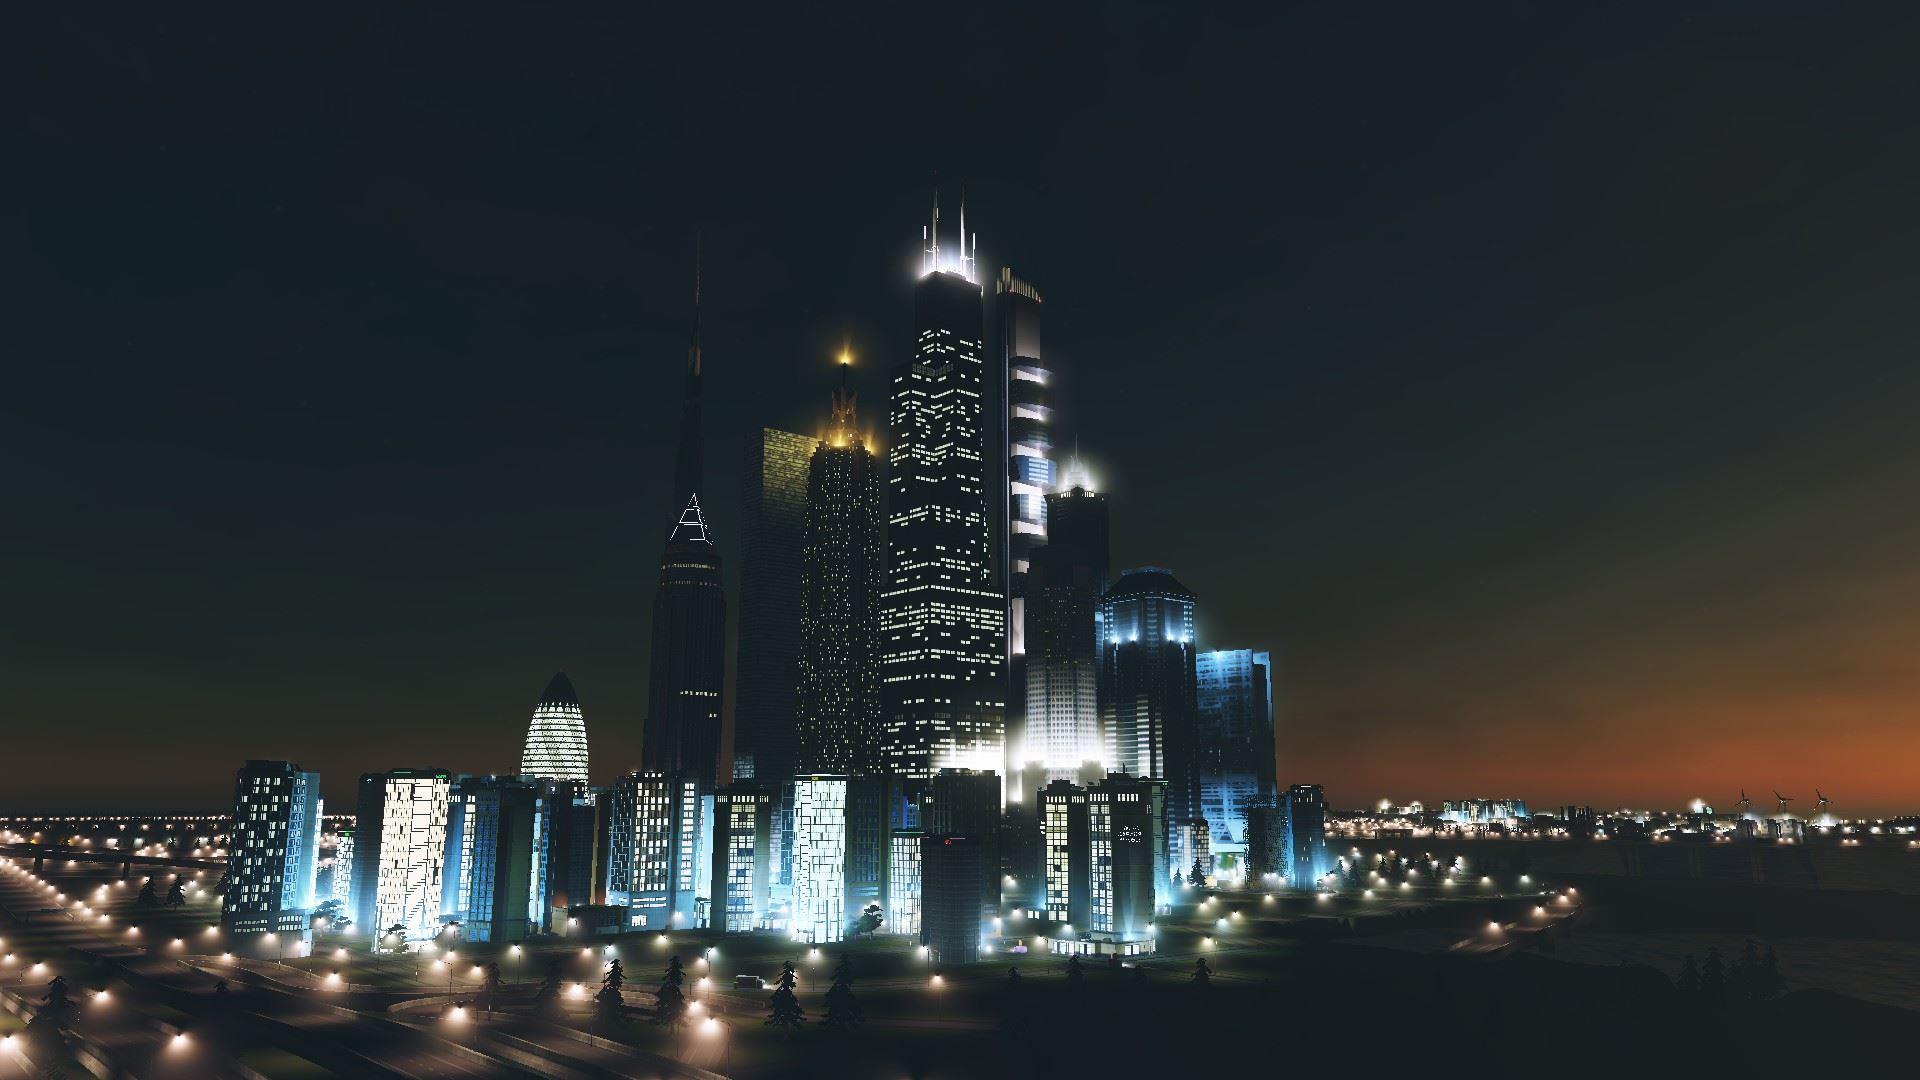 Screenshot aus Cities Skylines: Die Skyline der Stadt bei Nacht.